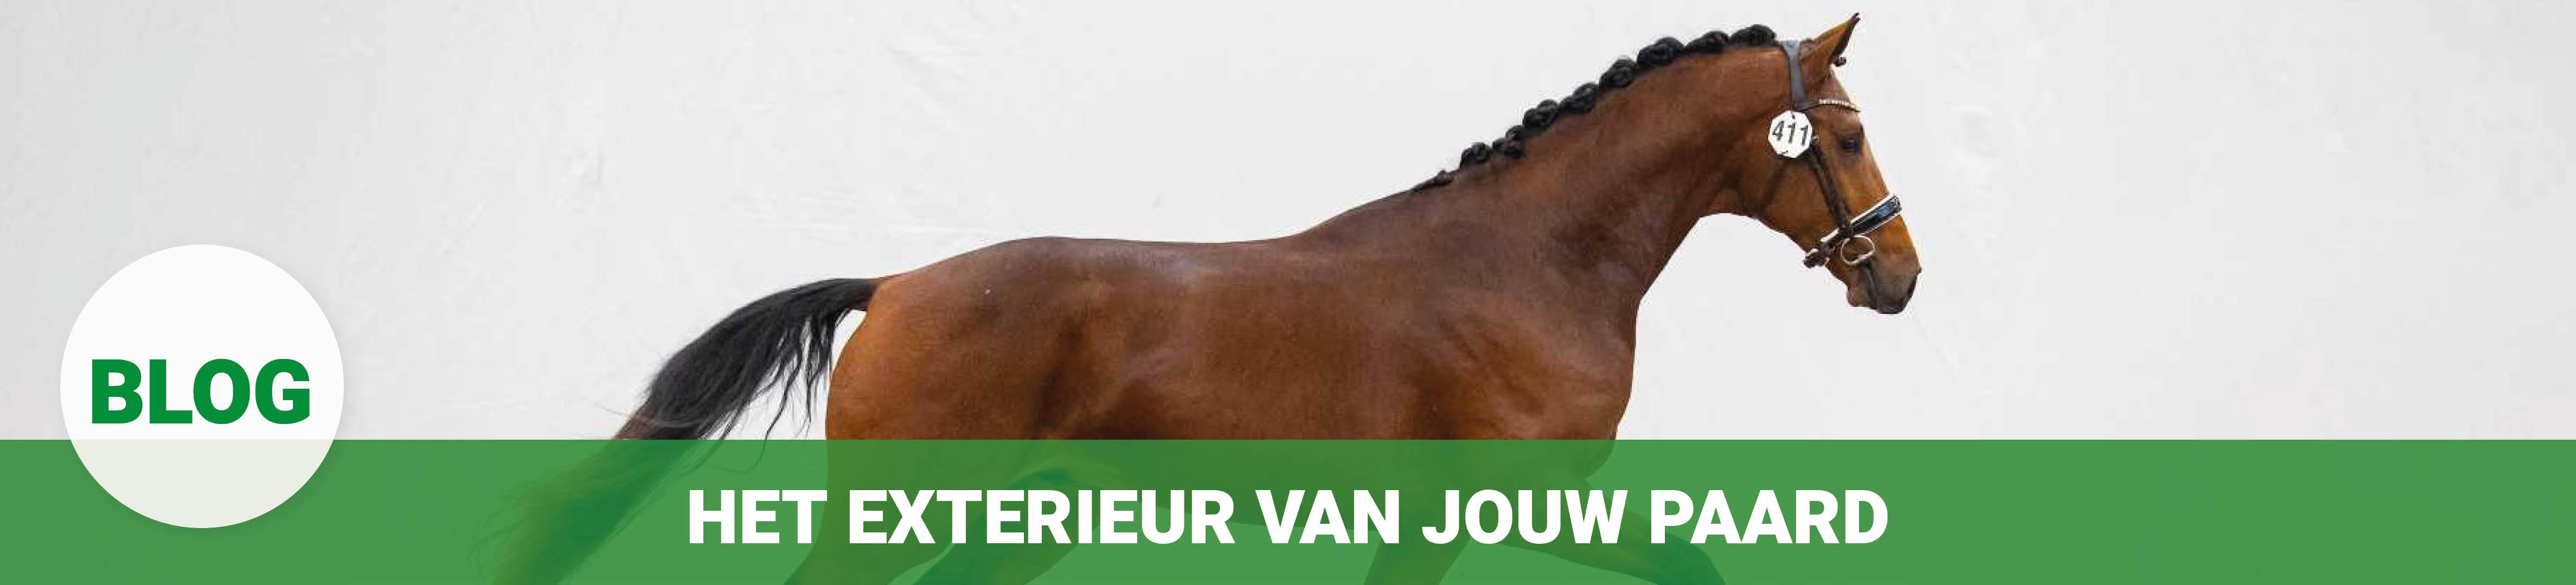 merkenshopbanner_blogs_KWPN_exterieur-paard.jpg